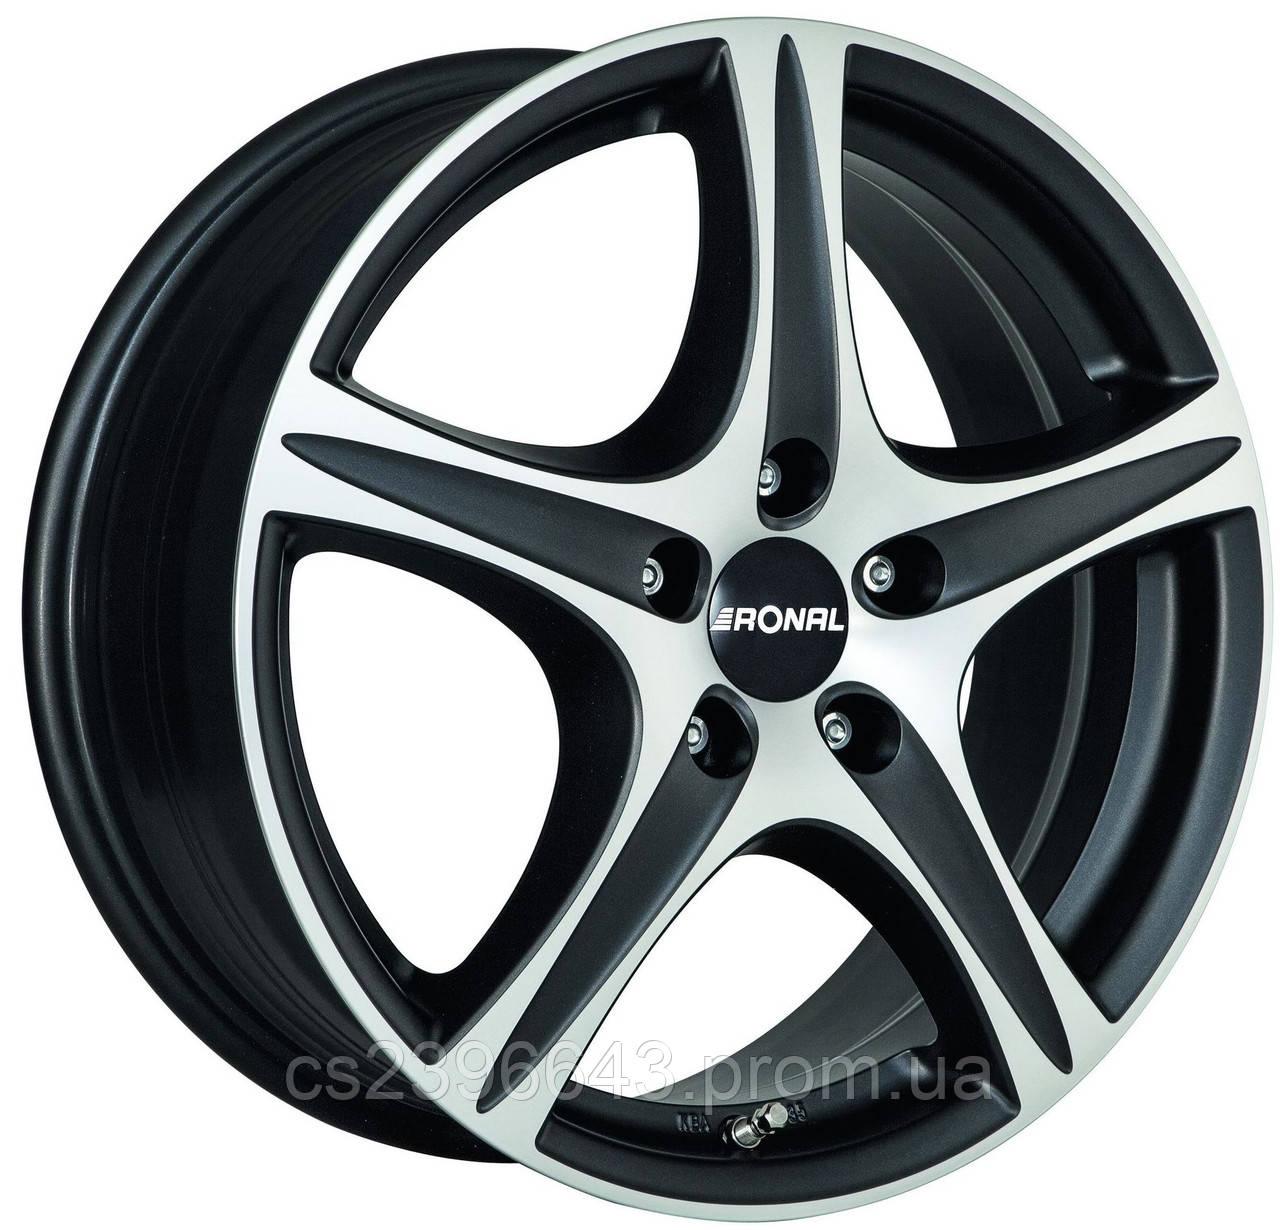 Колесный диск Ronal R55 SUV 20x9,5 ET55